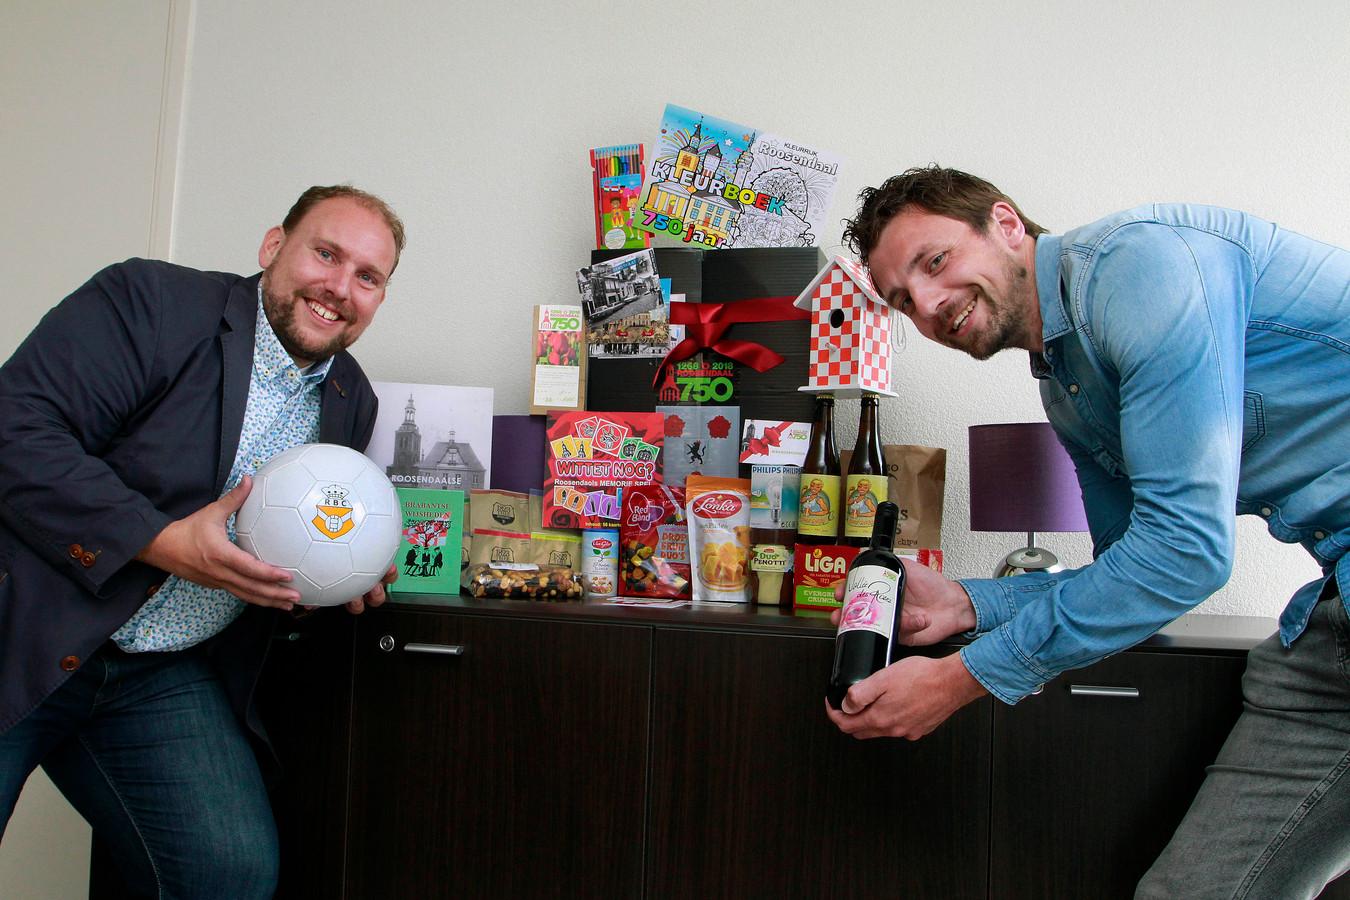 Robert Breedveld (links) en Pieter Dekker hebben vanwege het 750-jarige jubileum van Roosendaal een uitgebreid cadeaupakket samengesteld. Foto : Gerard van Offeren/Pix4Profs